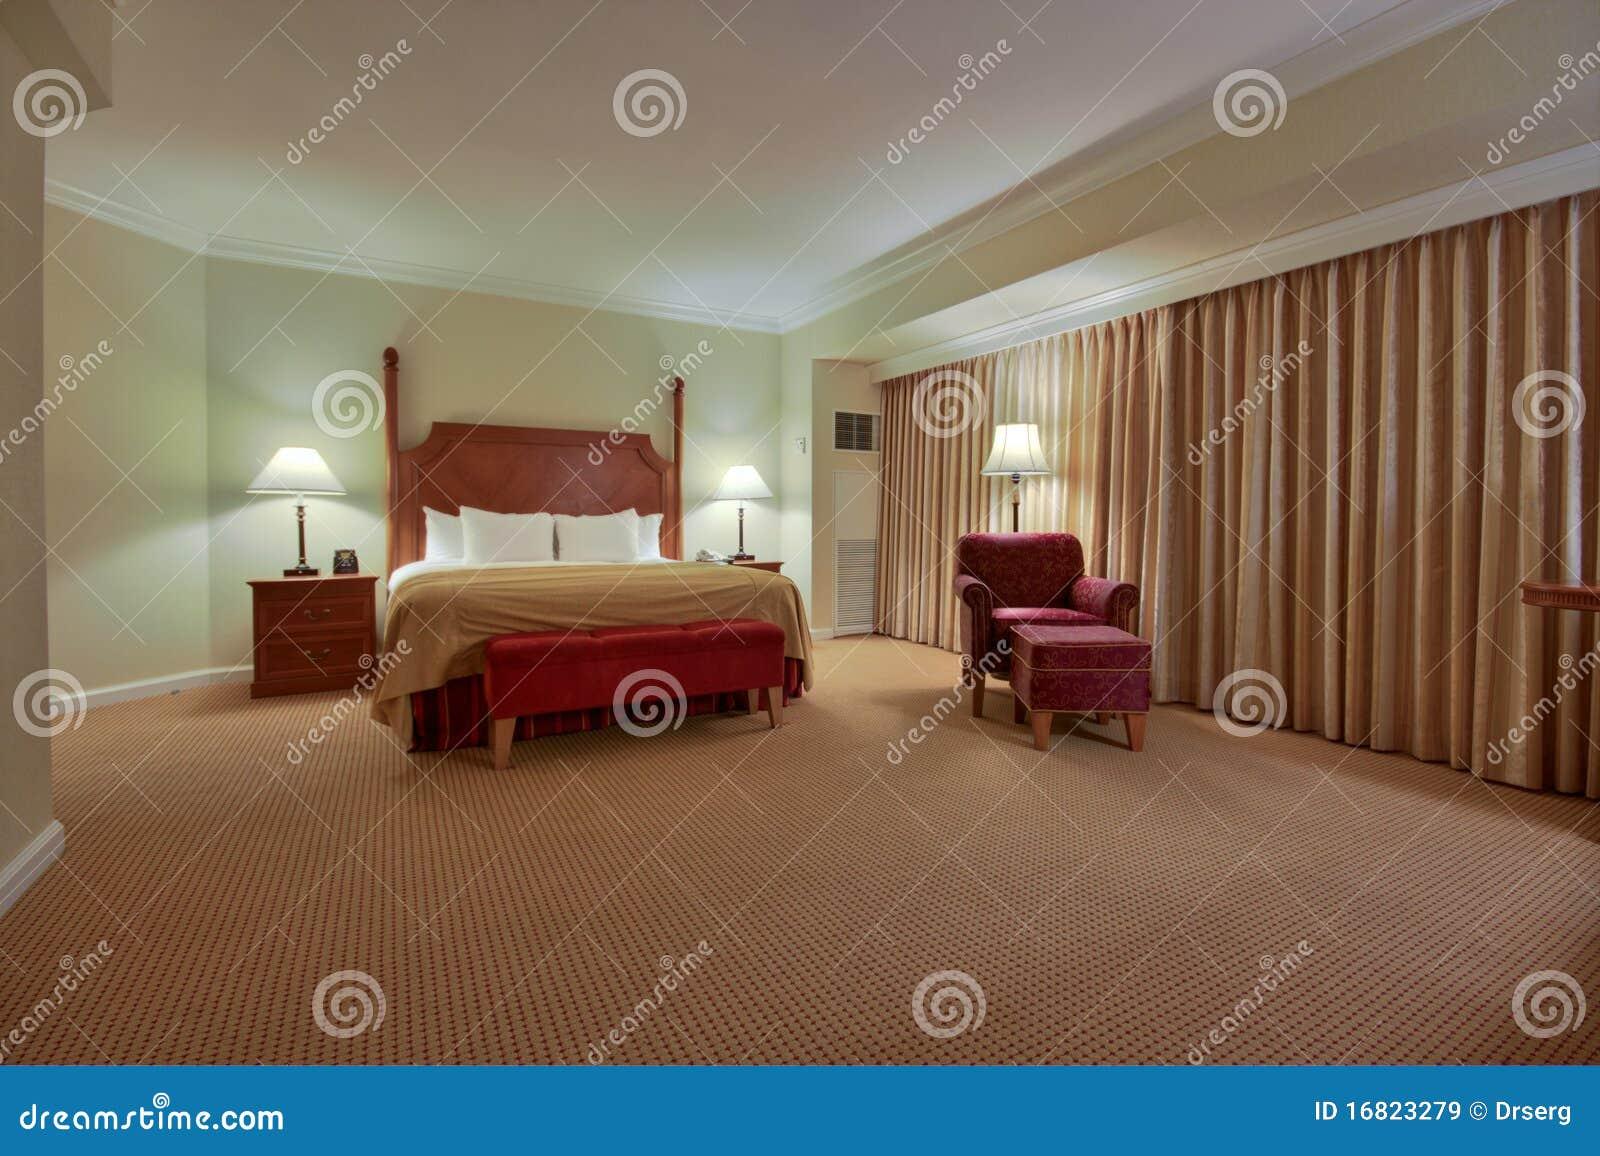 Fußboden Schlafzimmer Komplett ~ Schlafzimmer mit trennvorhang stockbild bild von eleganz